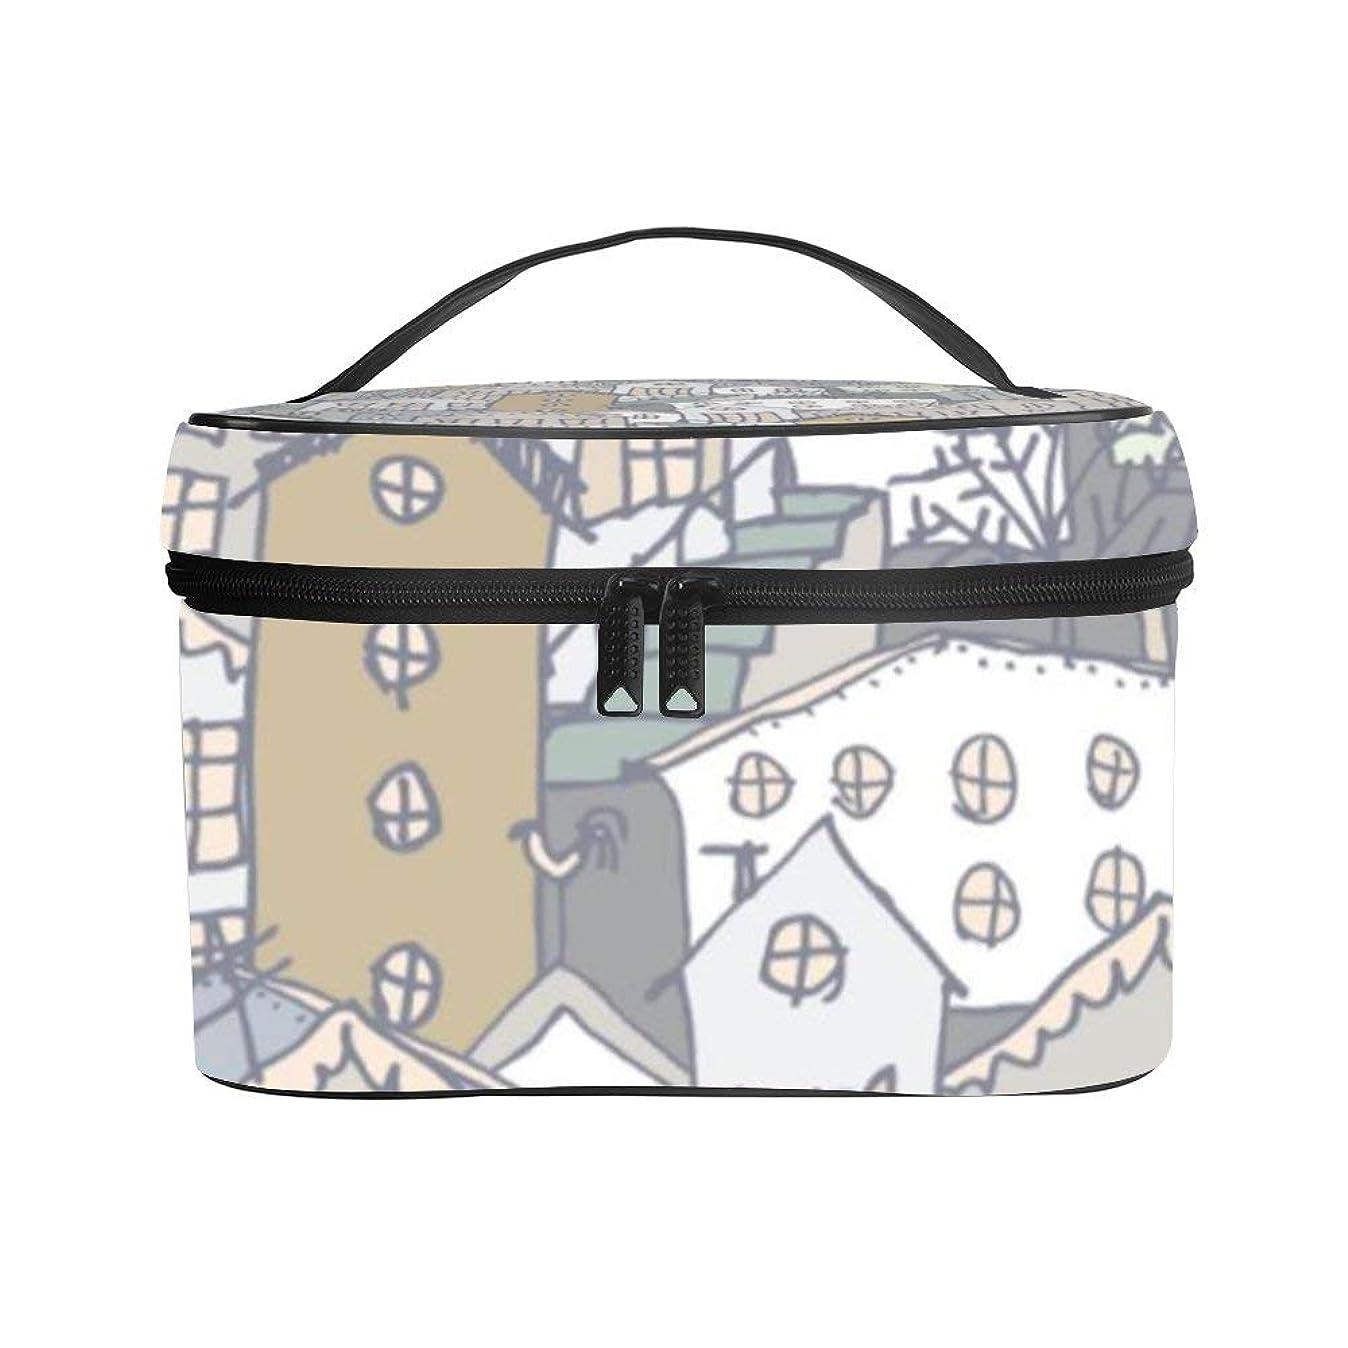 防止資格熱心メイクぼっくす PUレザー コスメボックス バニティポーチ 都市 ウィンター 風景 化粧ボックス メイクブラシバッグ トラベルバッグ 人気 かわいい 大容量 機能的